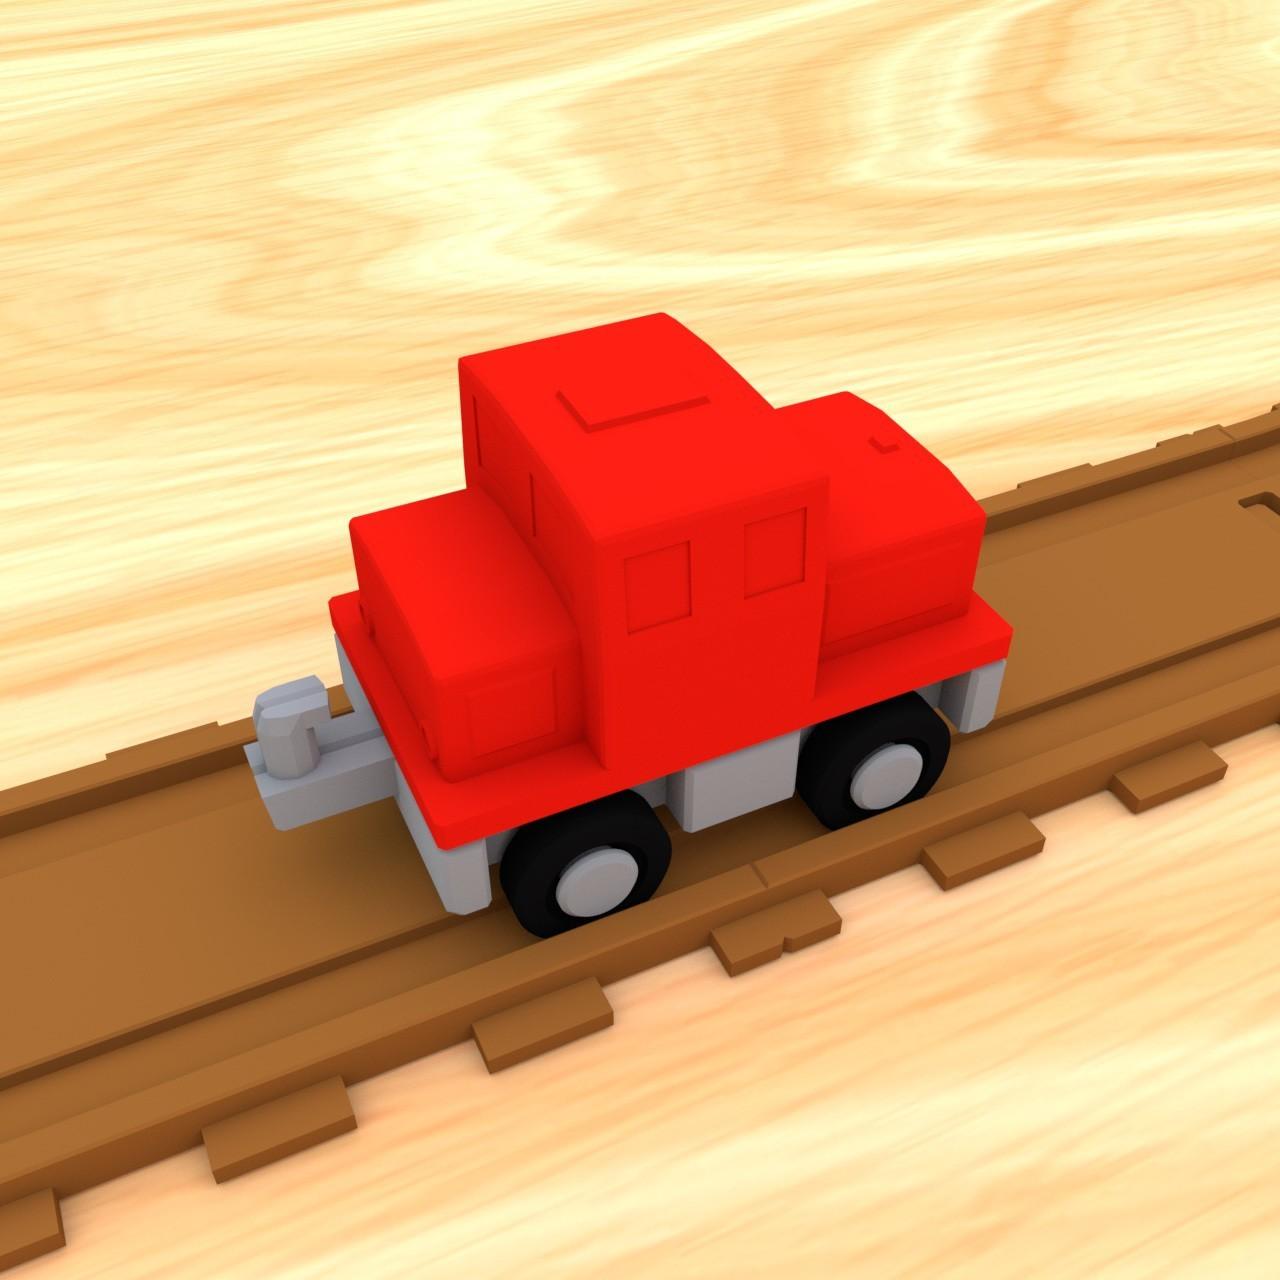 smalltoys-freight-train02.jpg Download STL file SmallToys - Starter Pack • 3D printer model, Wabby